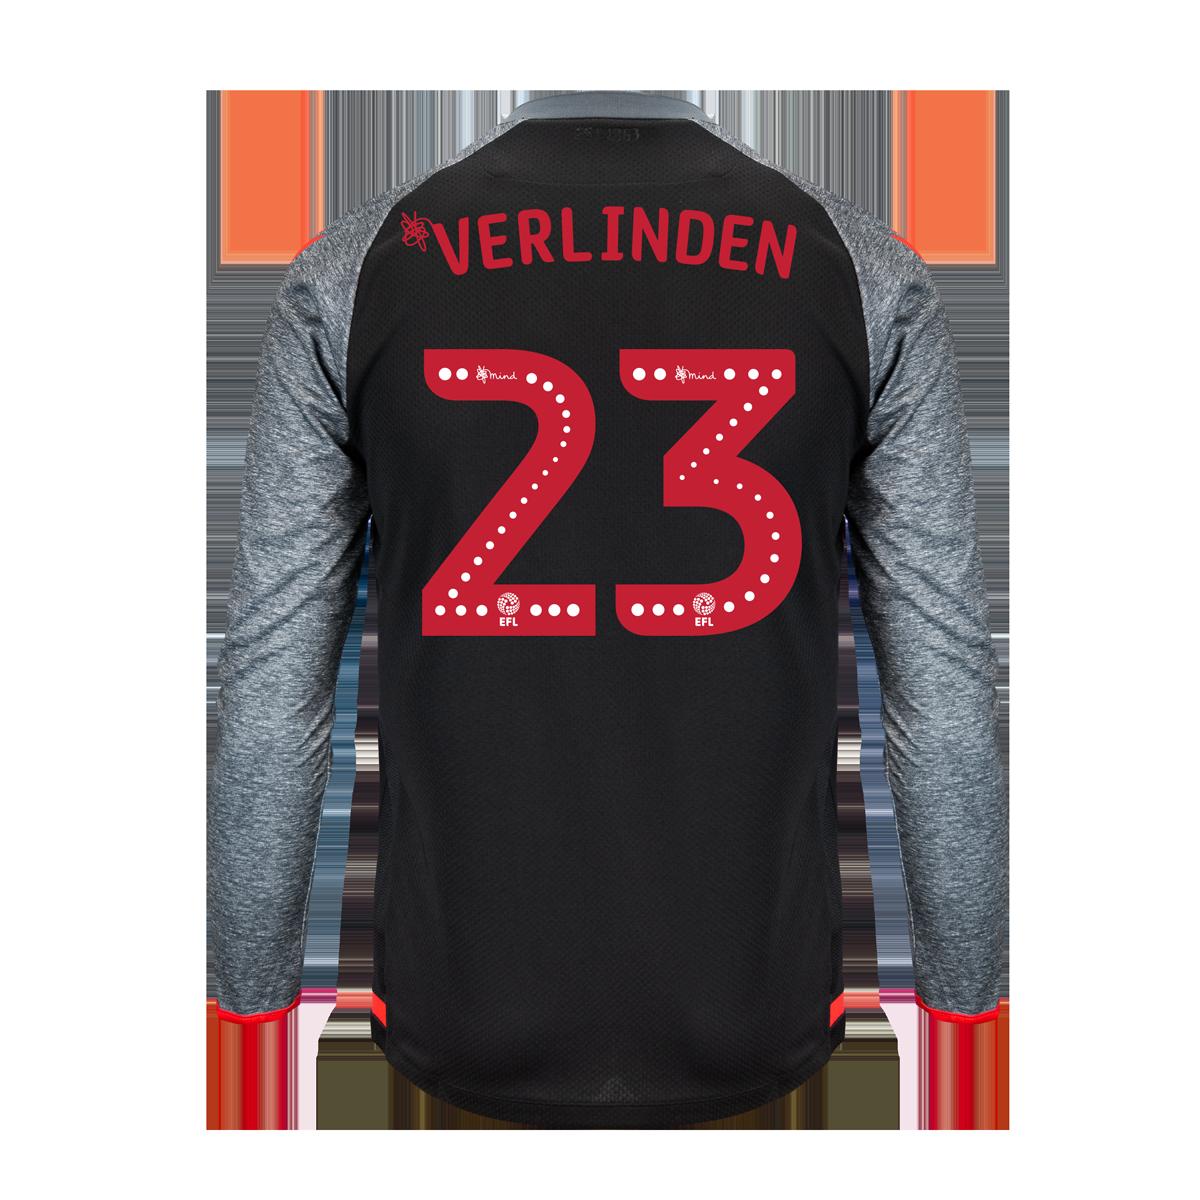 2019/20 Junior Away LS Shirt - Verlinden